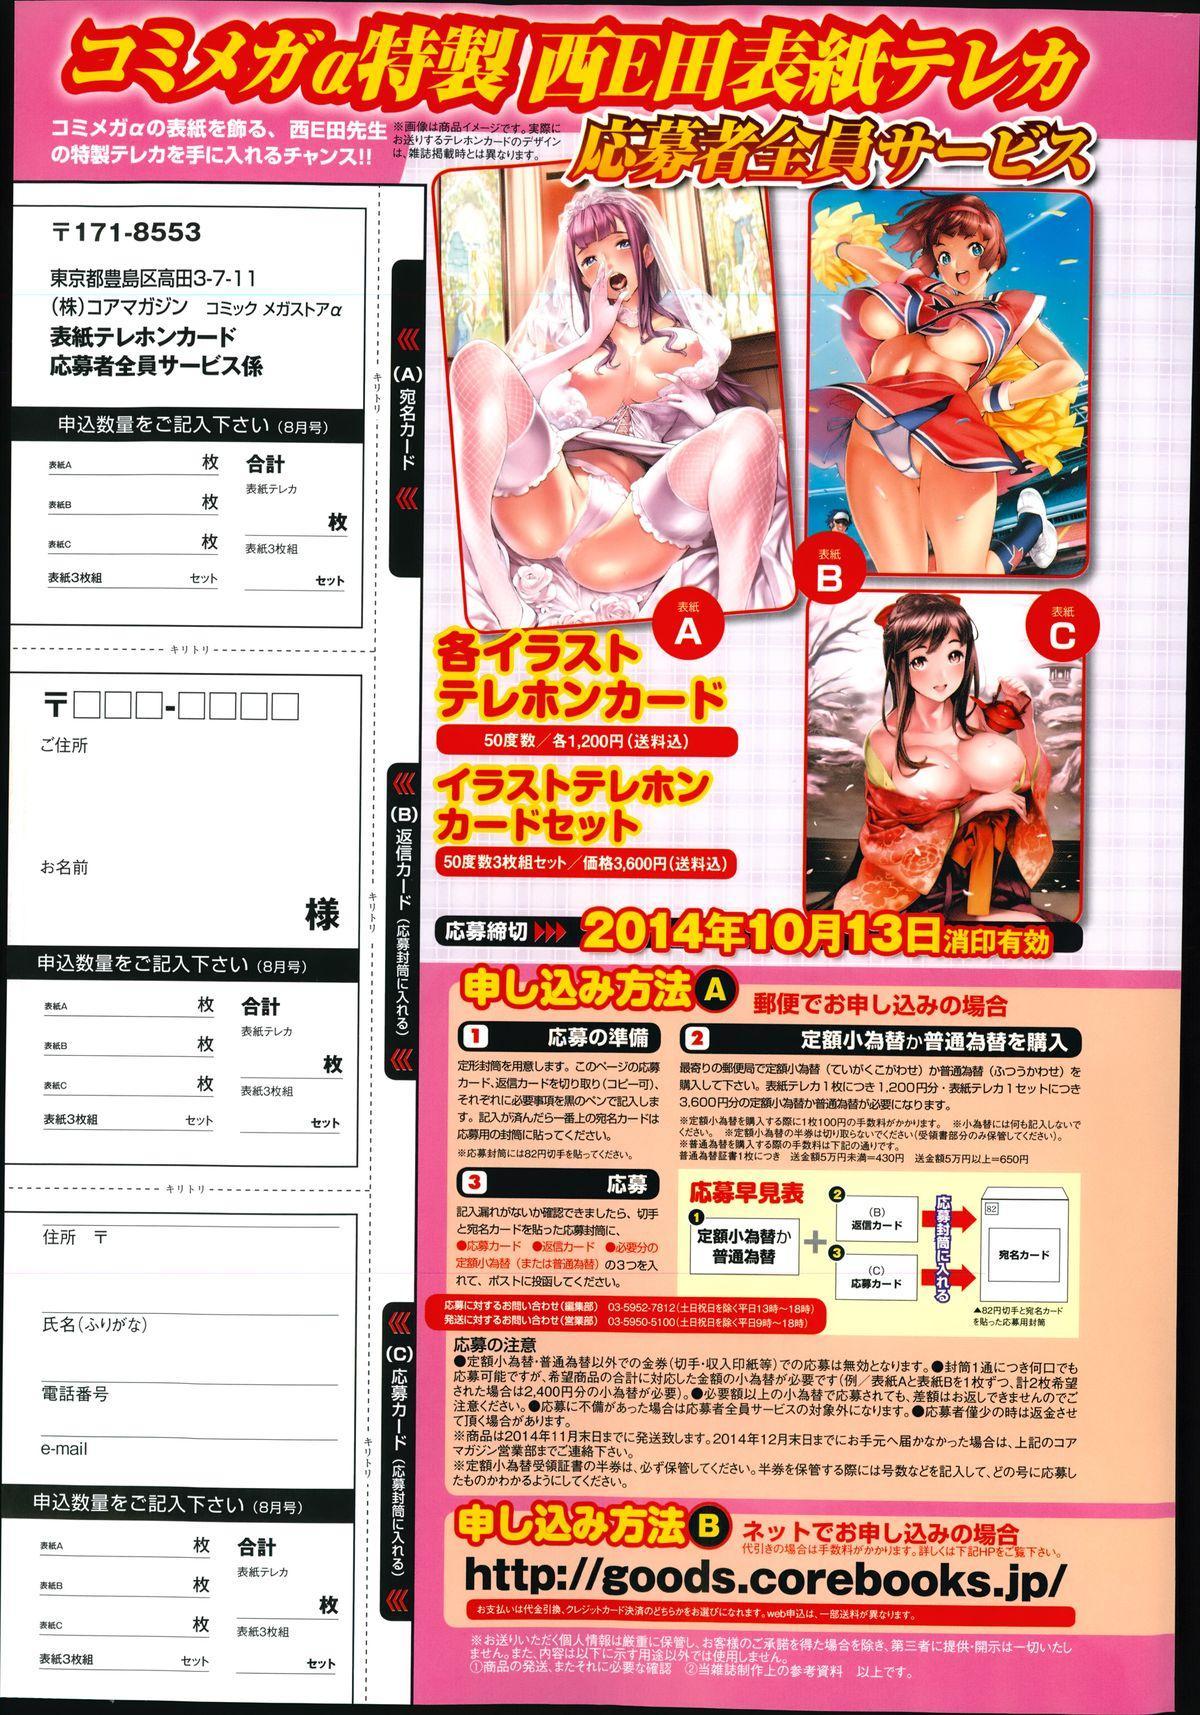 COMIC Megastore Alpha 2014-10 248